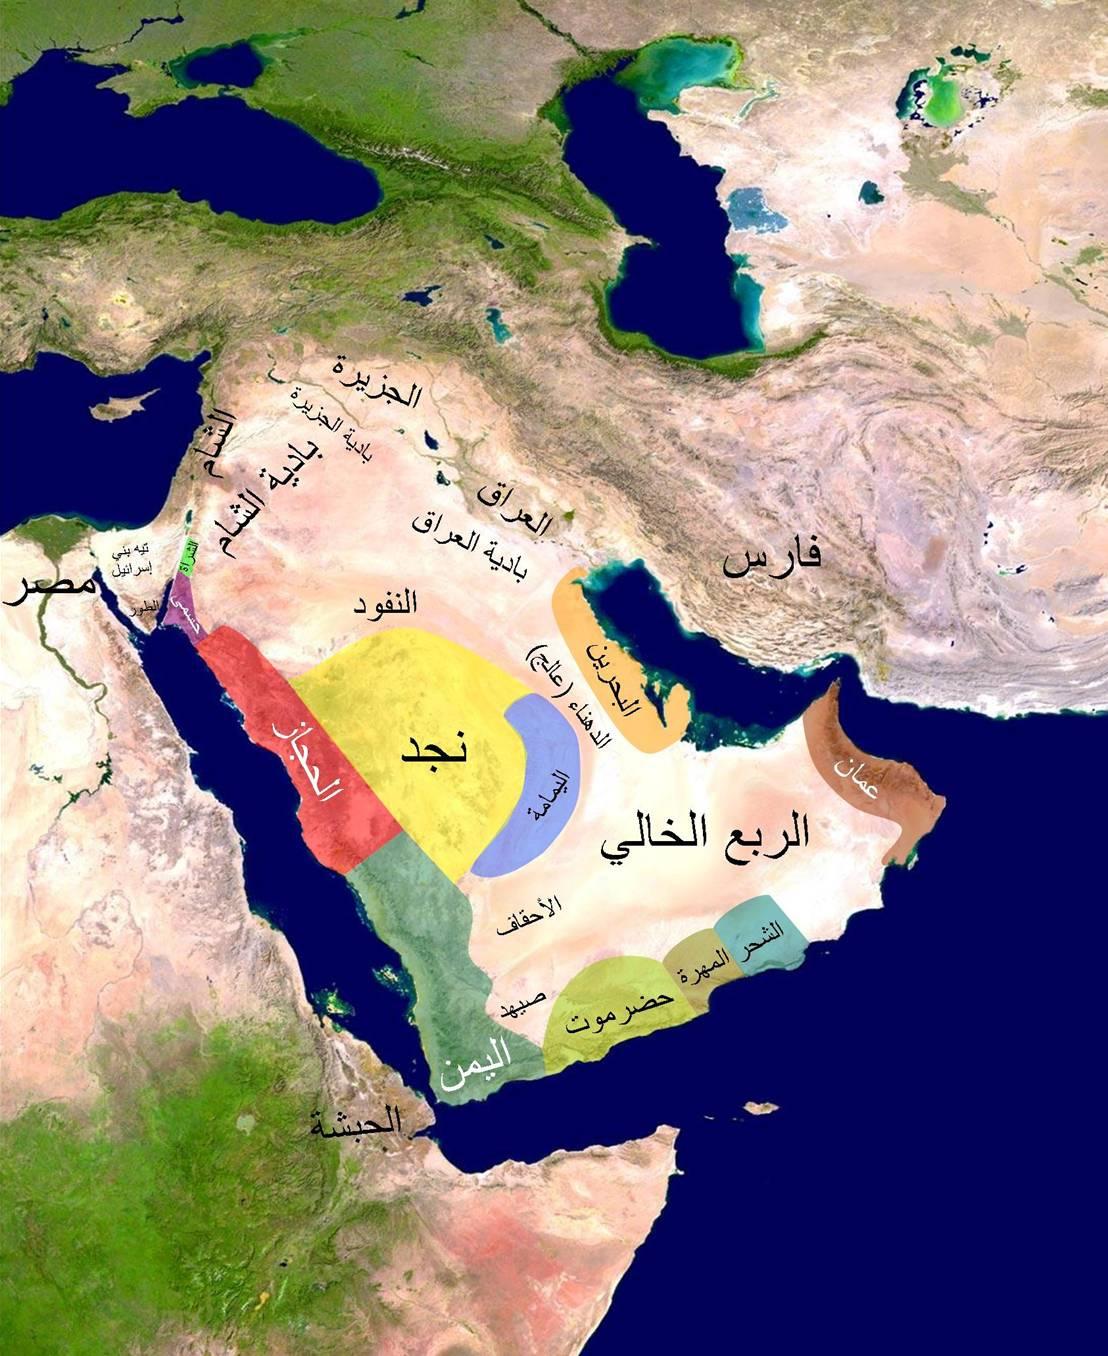 تاريخ العرب قبل الأسلام موطن العرب